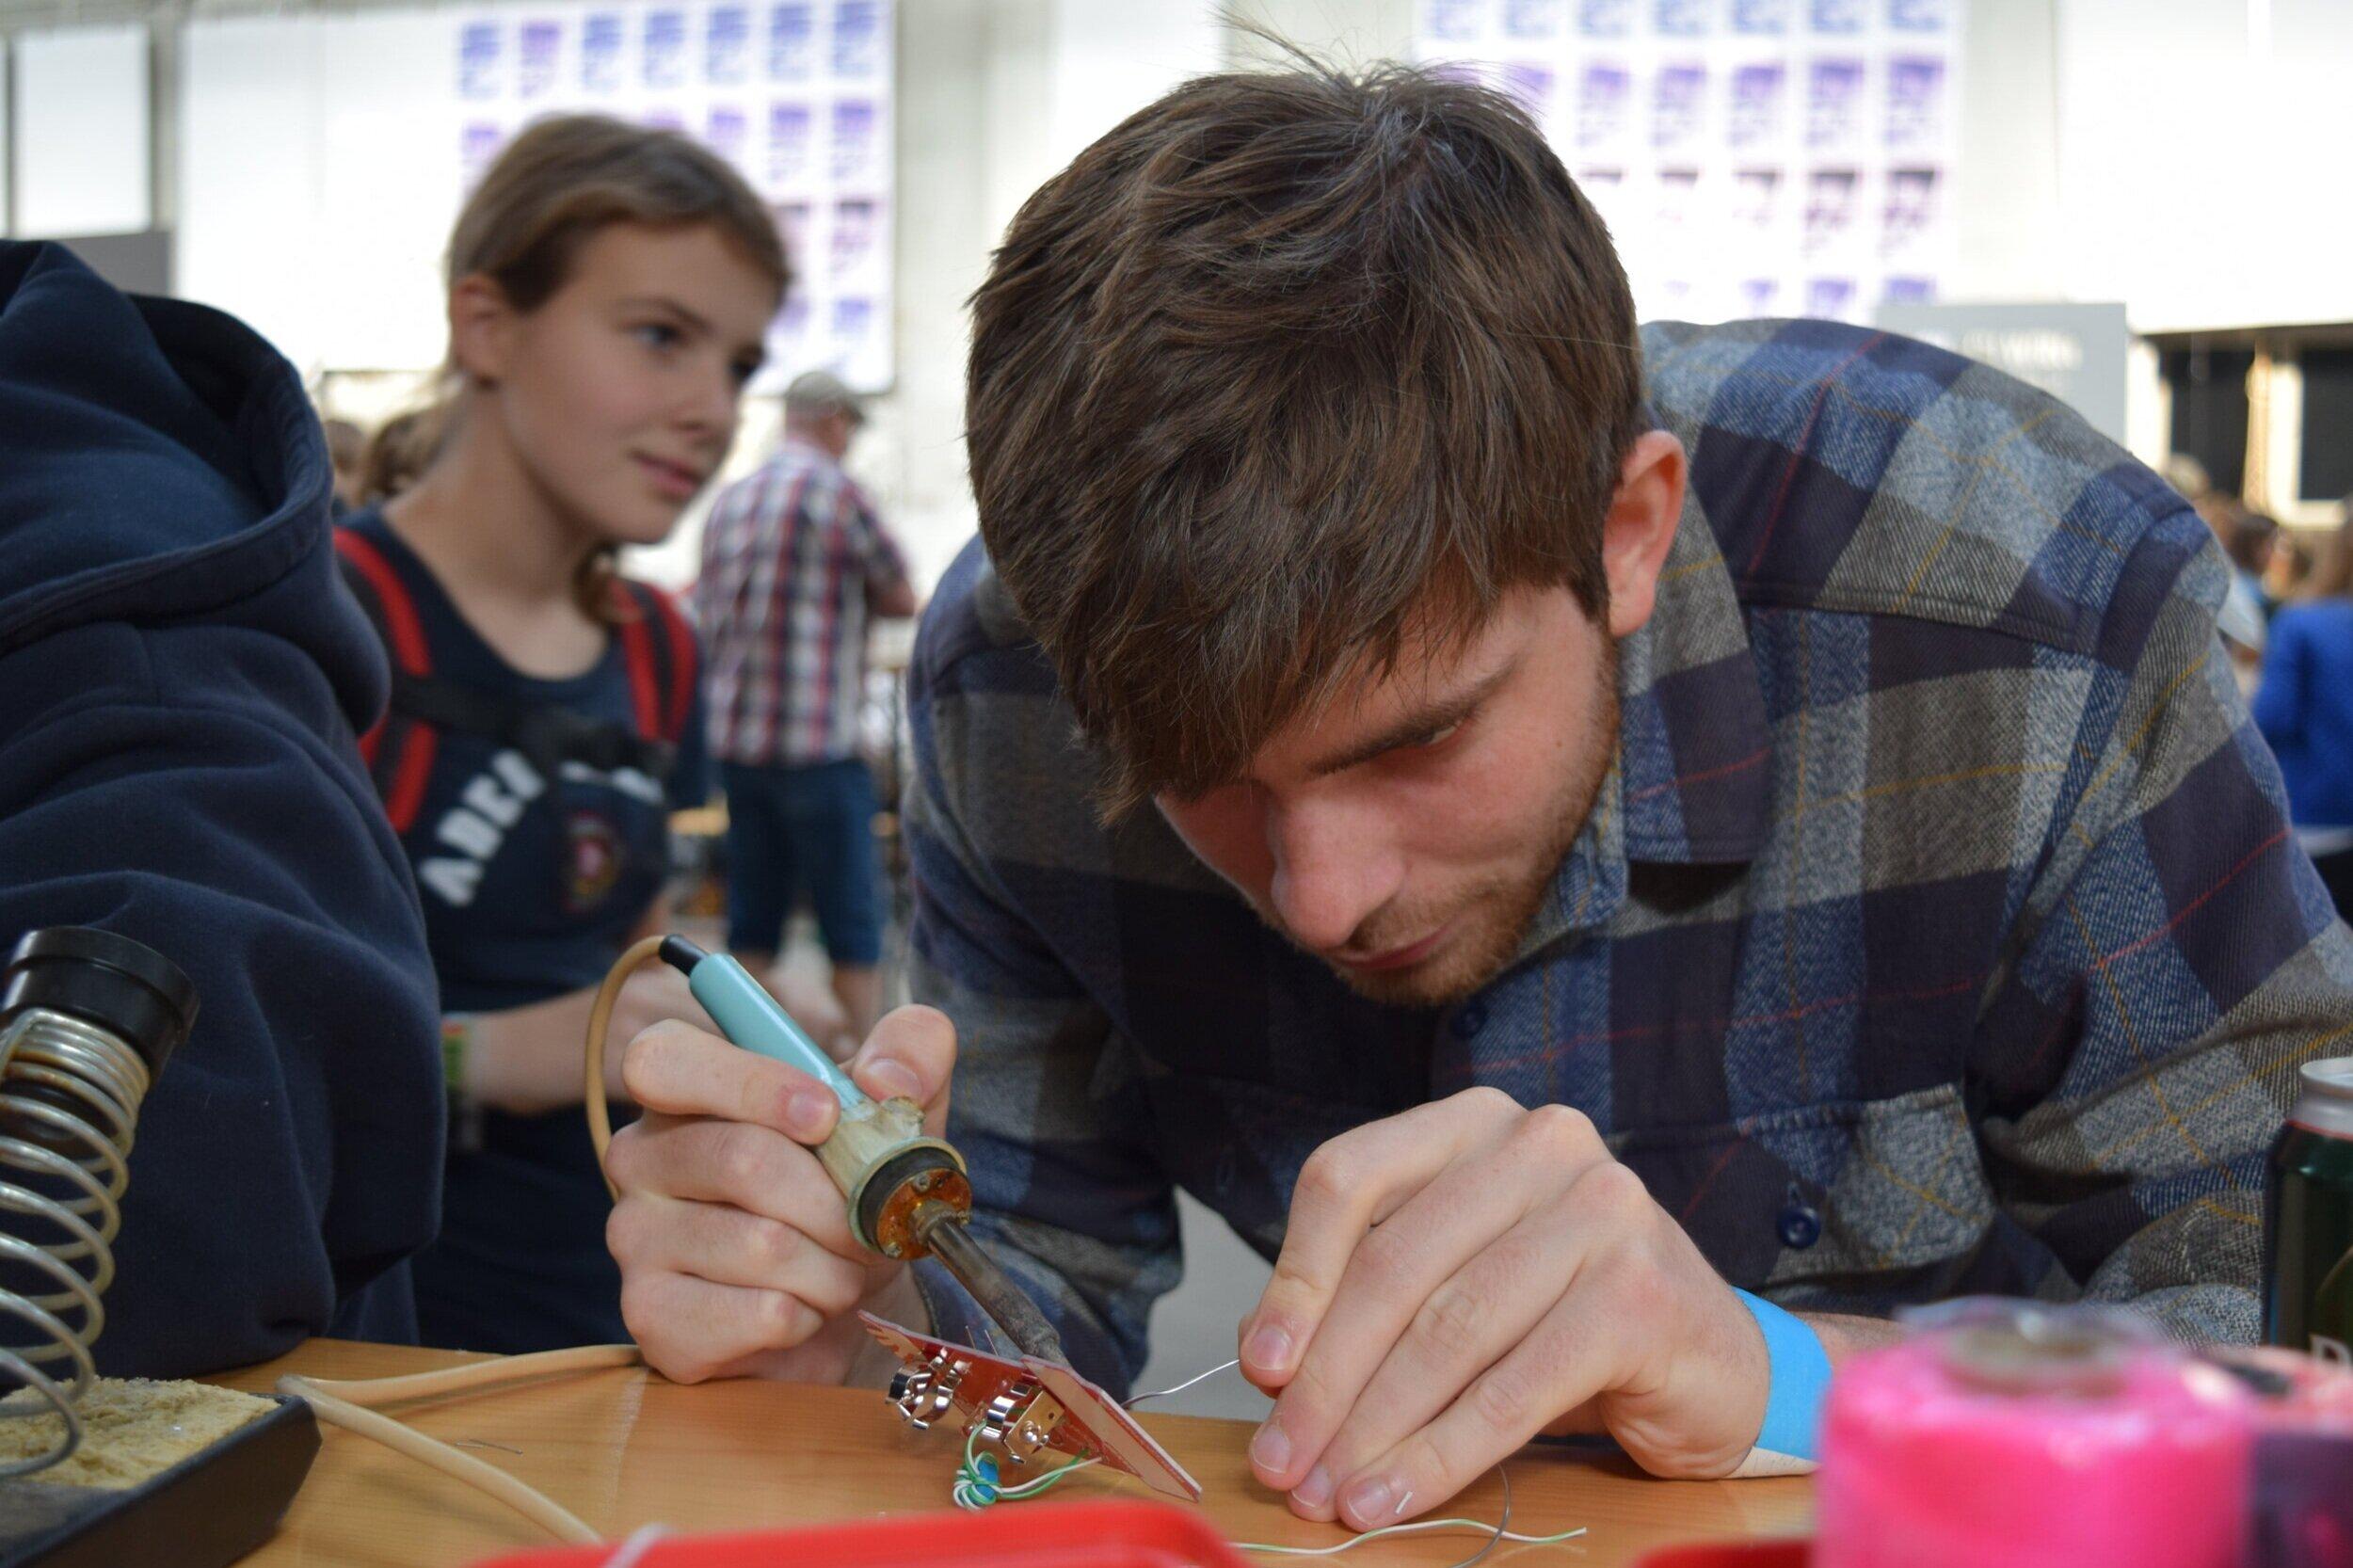 Joule Thief workshop - Lav din egen lille lommelygte, som kører på genbrugte batterier. Dyk ned i en verden af elektronik-hacking og tag sagen i egen hånd. Labitat viser dig, hvordan du kan bringe liv til gamle batterier vha. simple, elektroniske komponenter. Vært: Labitat